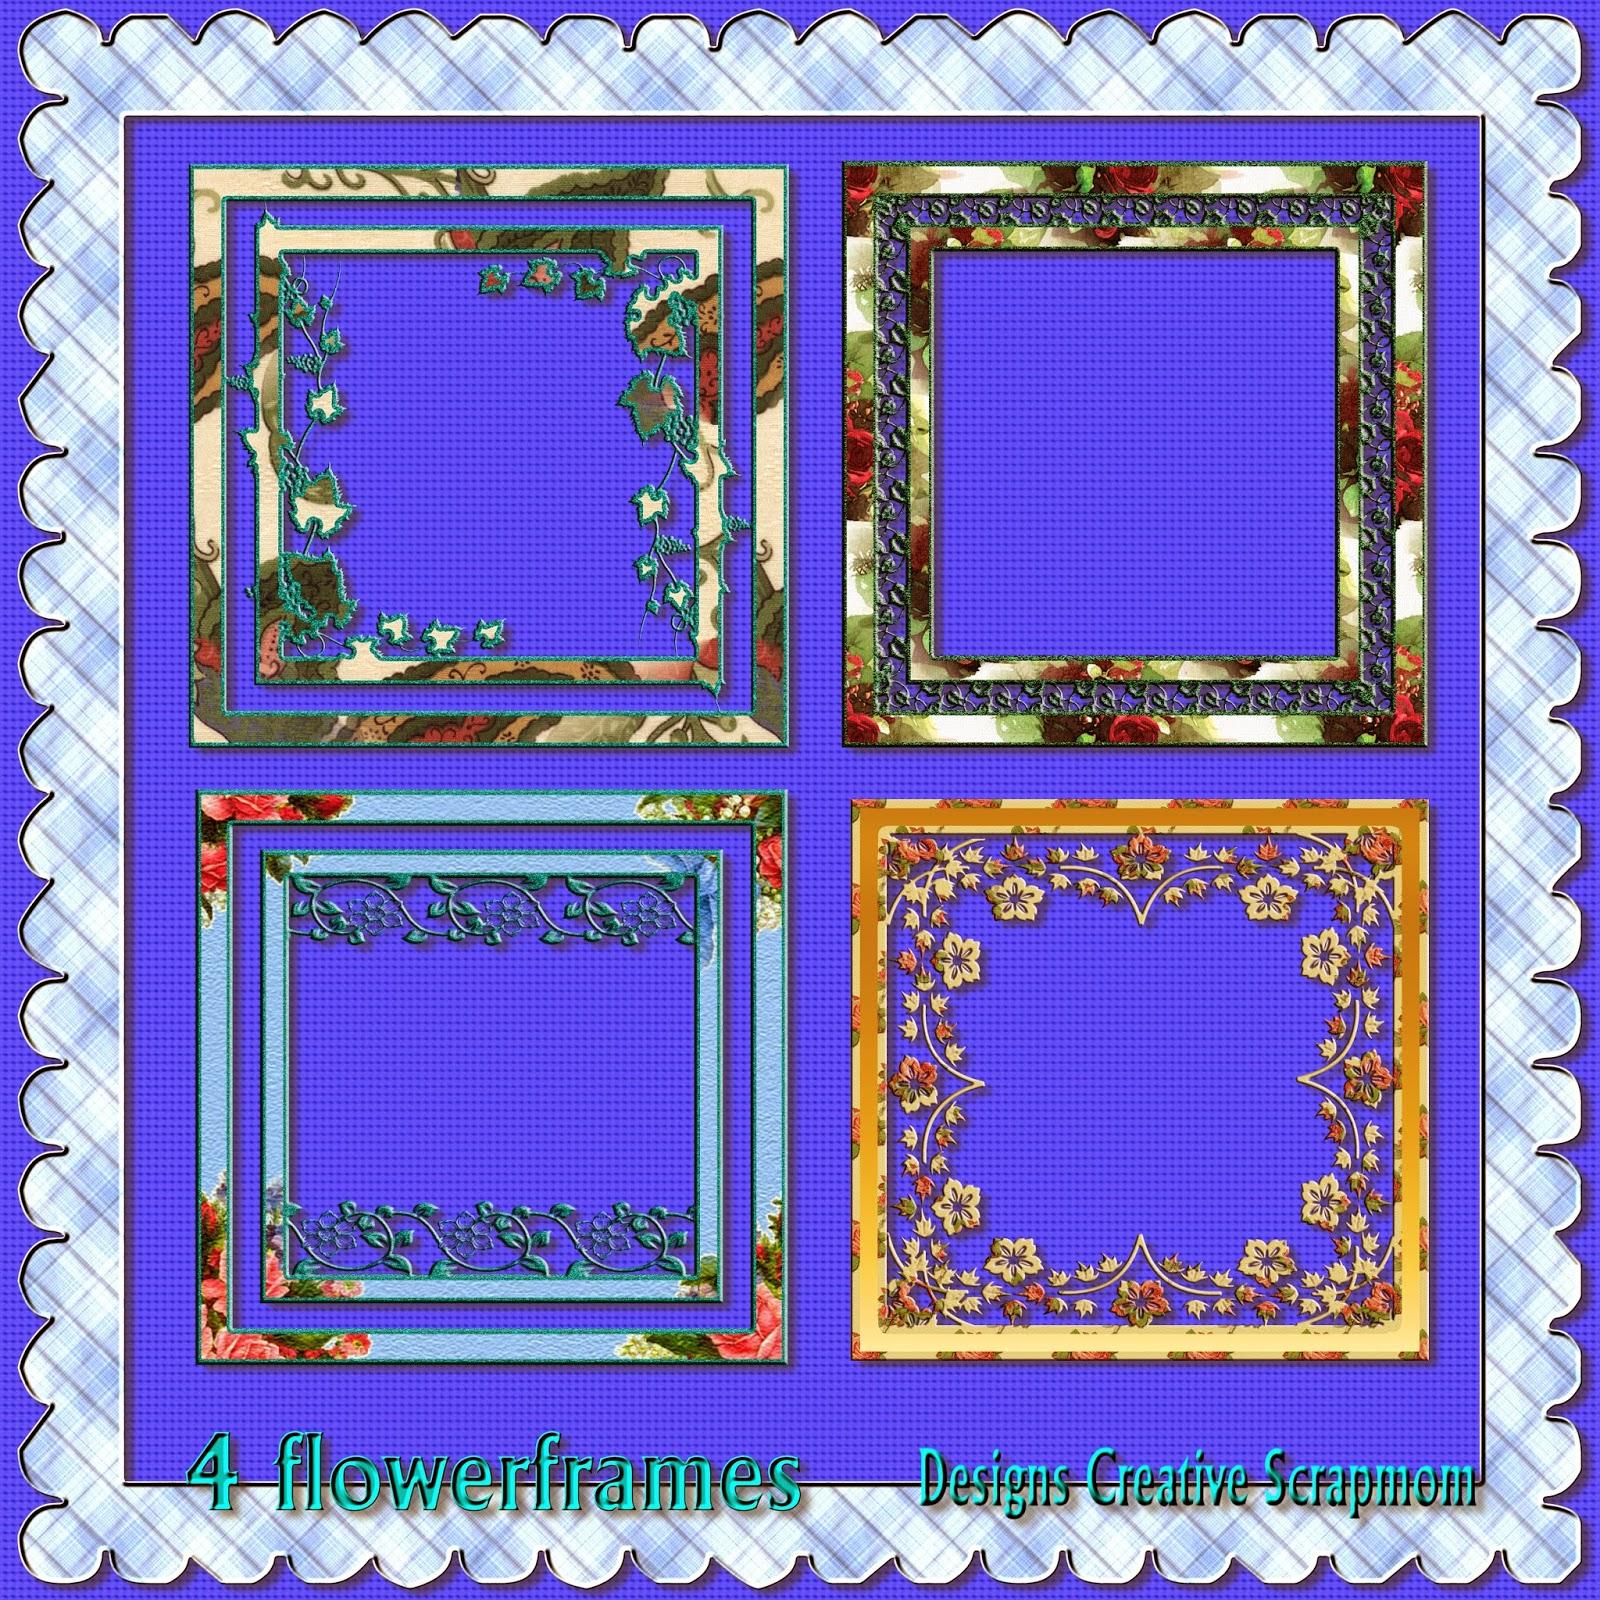 http://3.bp.blogspot.com/-SJO8C2CtIS0/U14dA65tN8I/AAAAAAAAEOQ/dE_vyE-UlxU/s1600/4+Flowerframes+preview.jpg